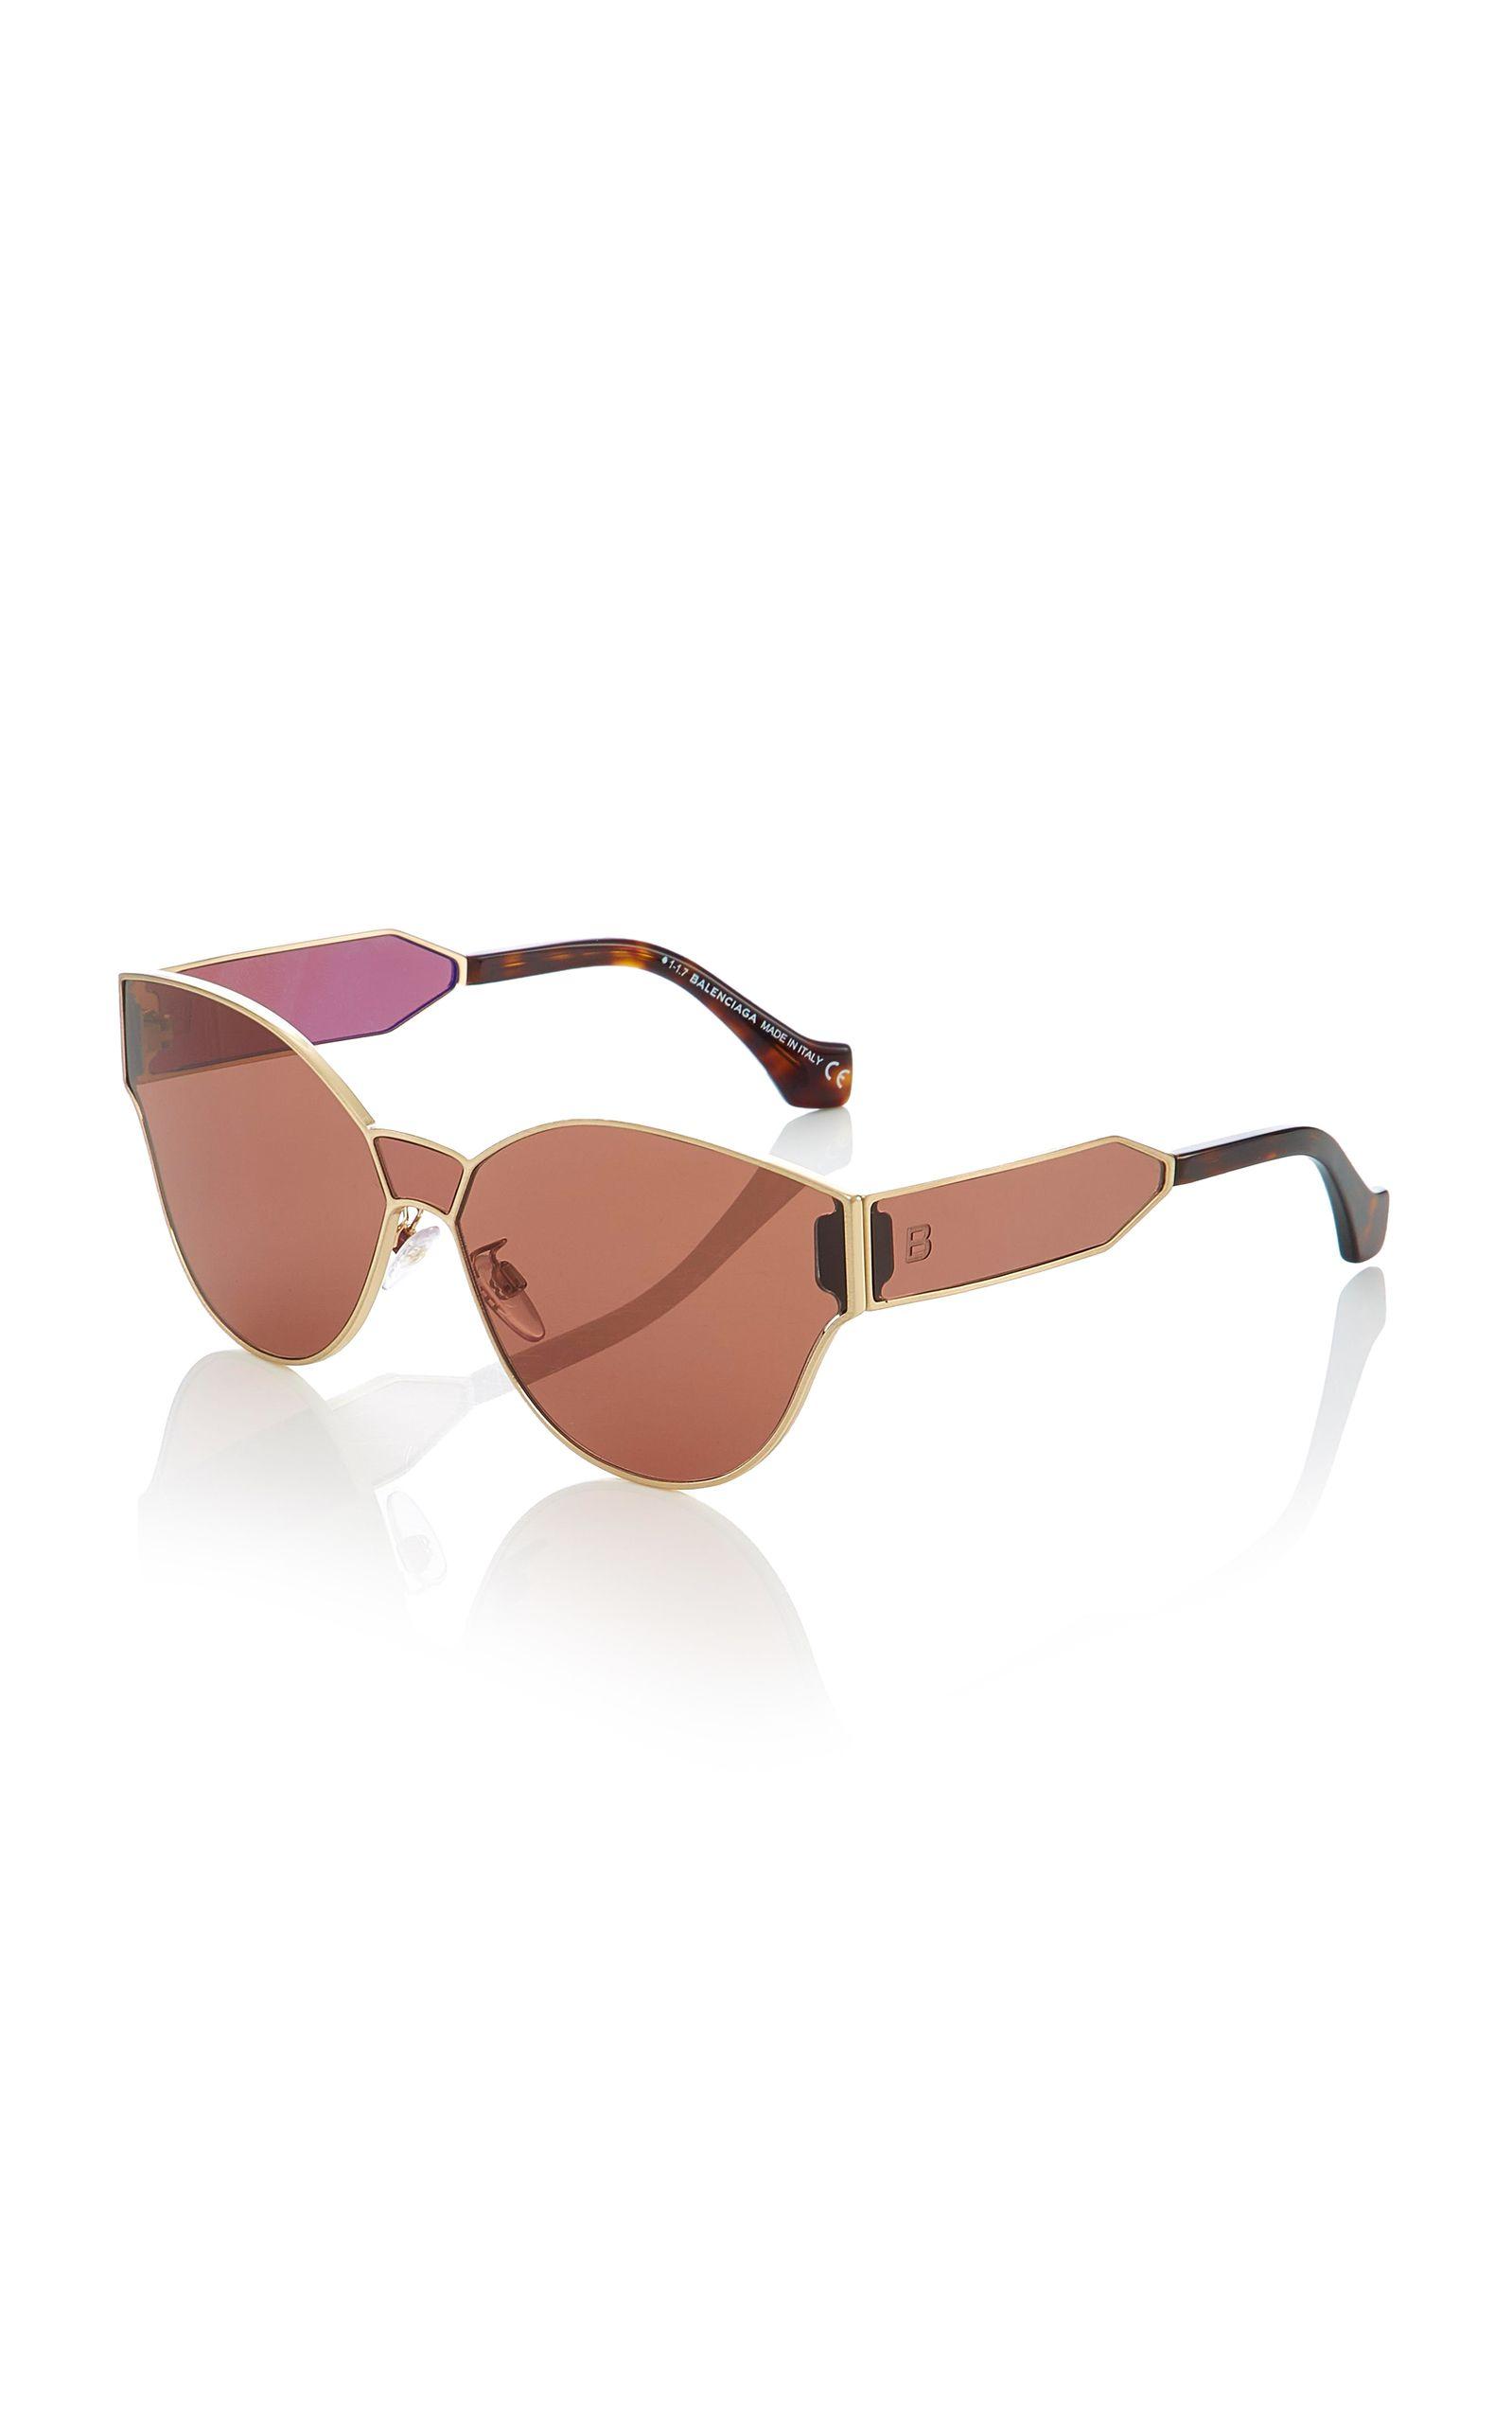 fc1ffcfaf5 Balenciaga Sunglasses Round-Frame Sunglasses